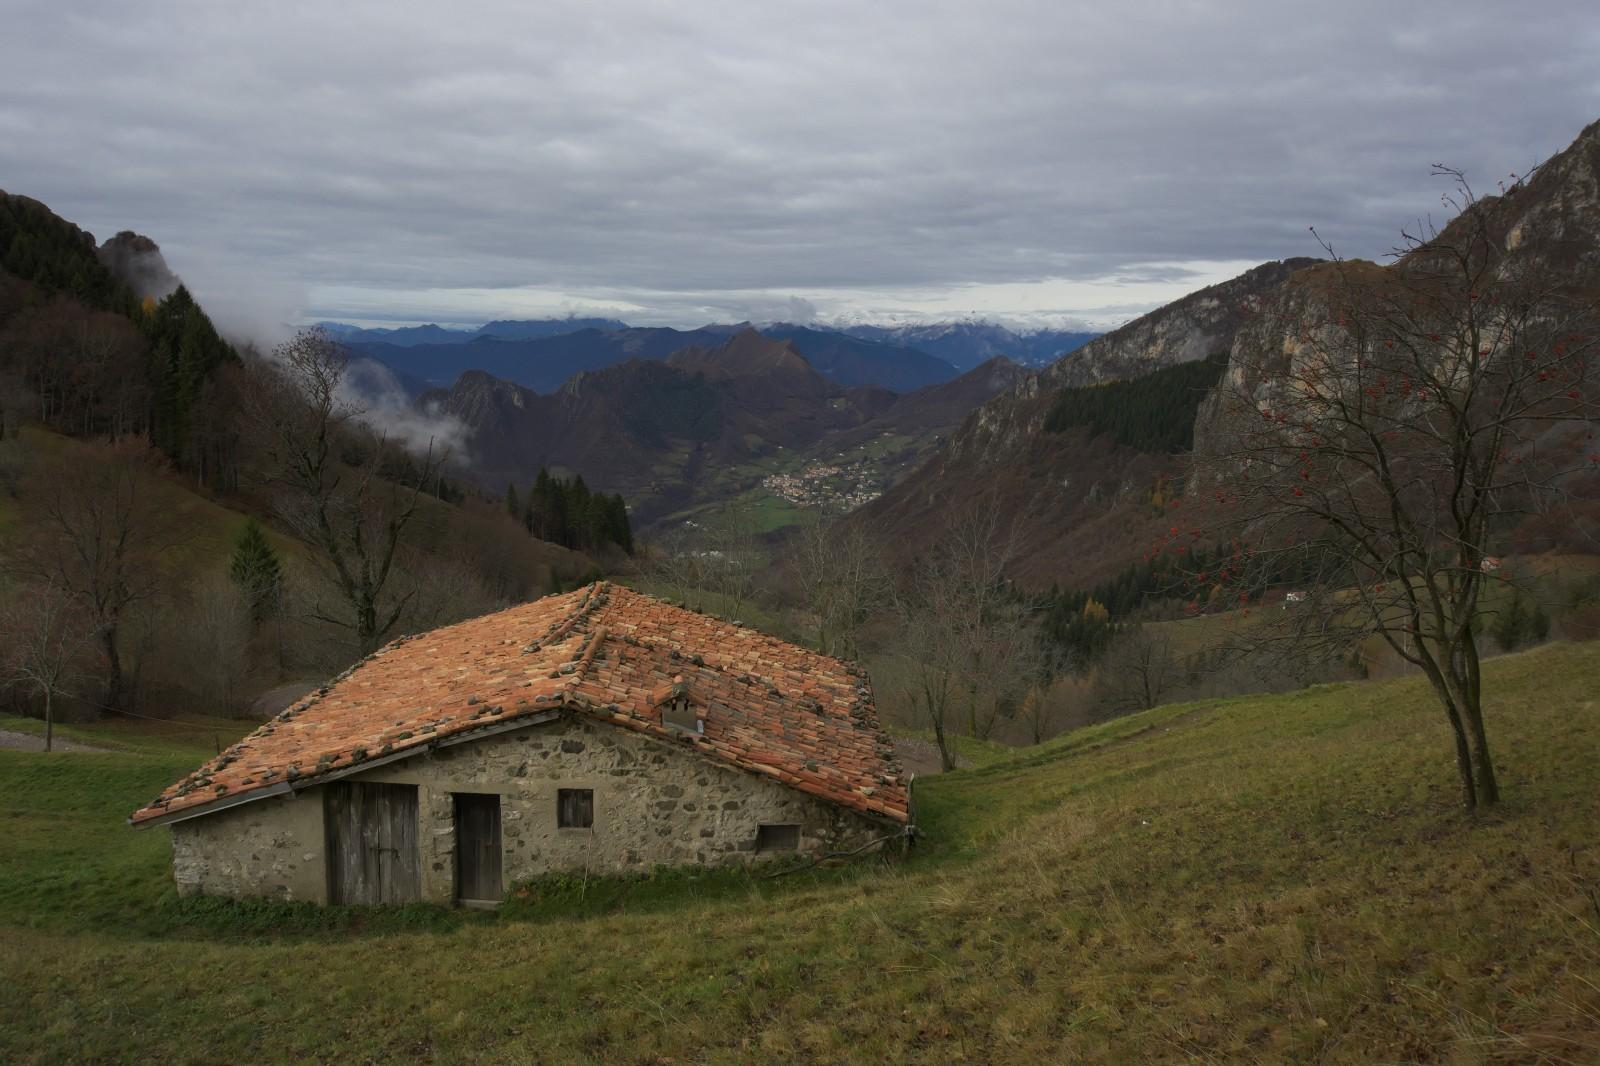 Výhled zpět do údolí